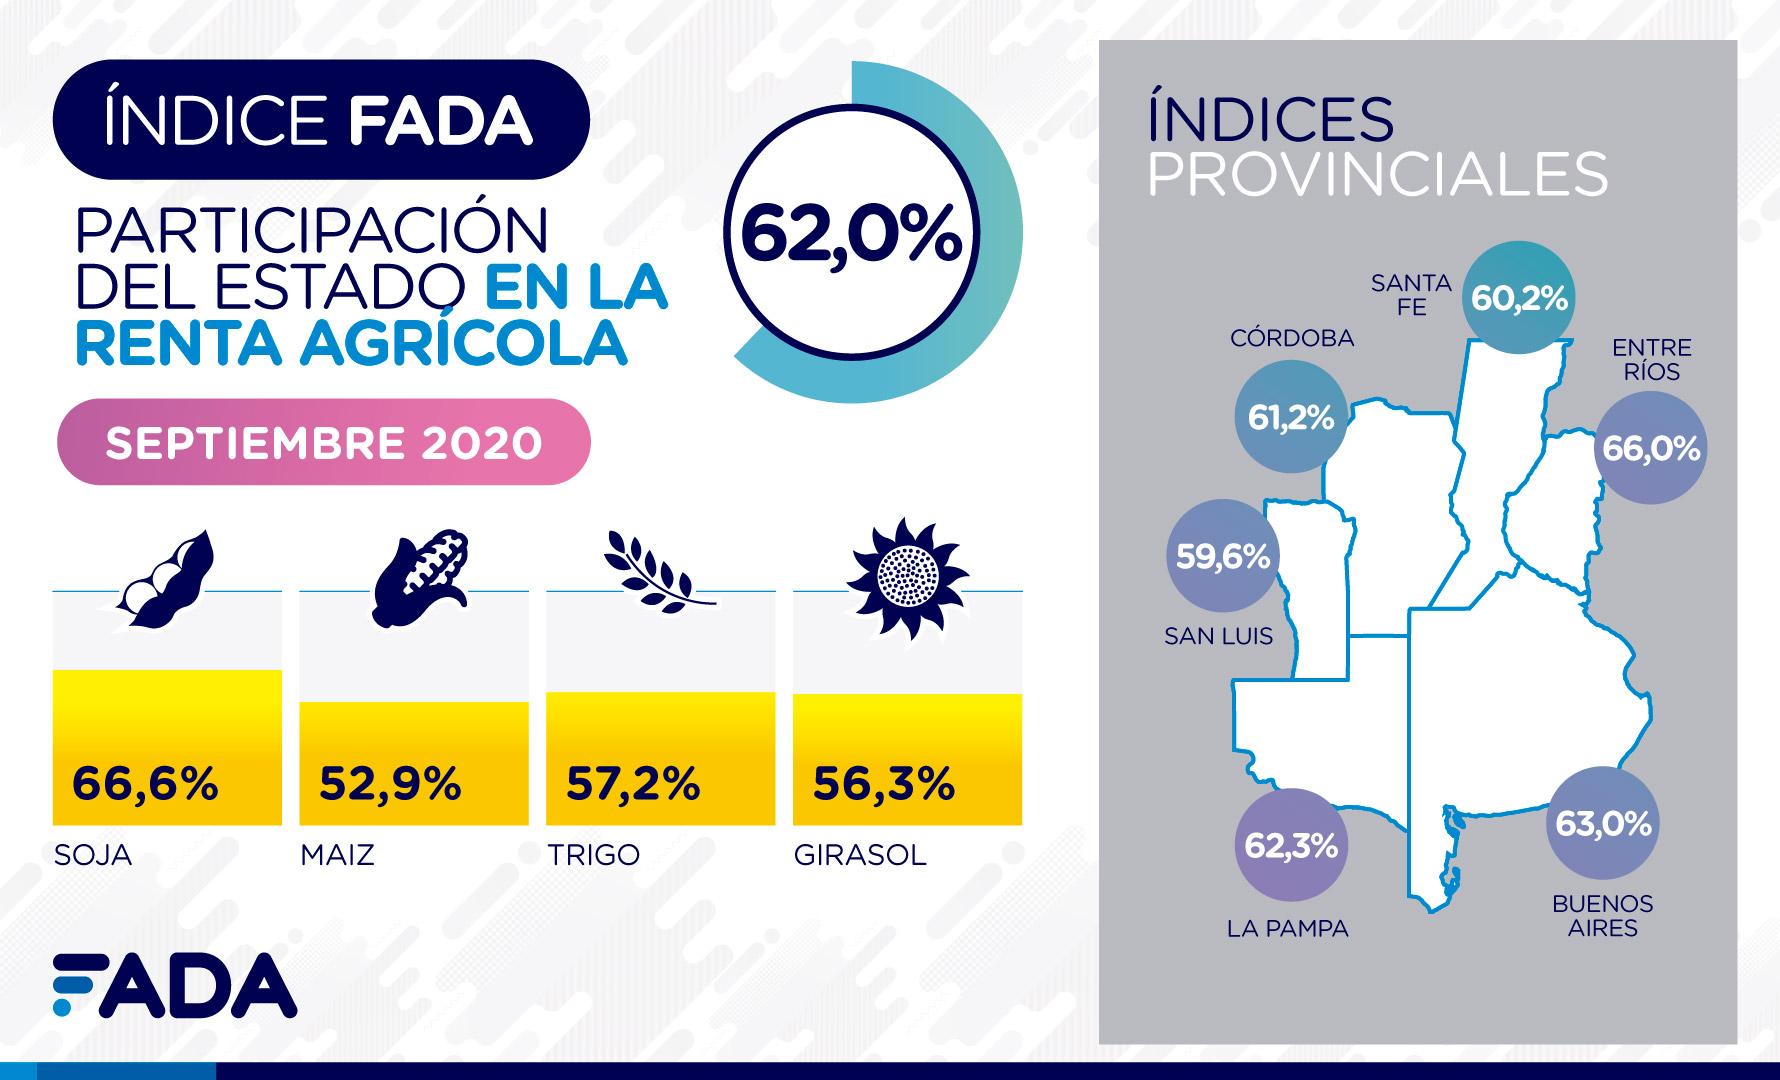 Índice FADA Septiembre 2020: 62%